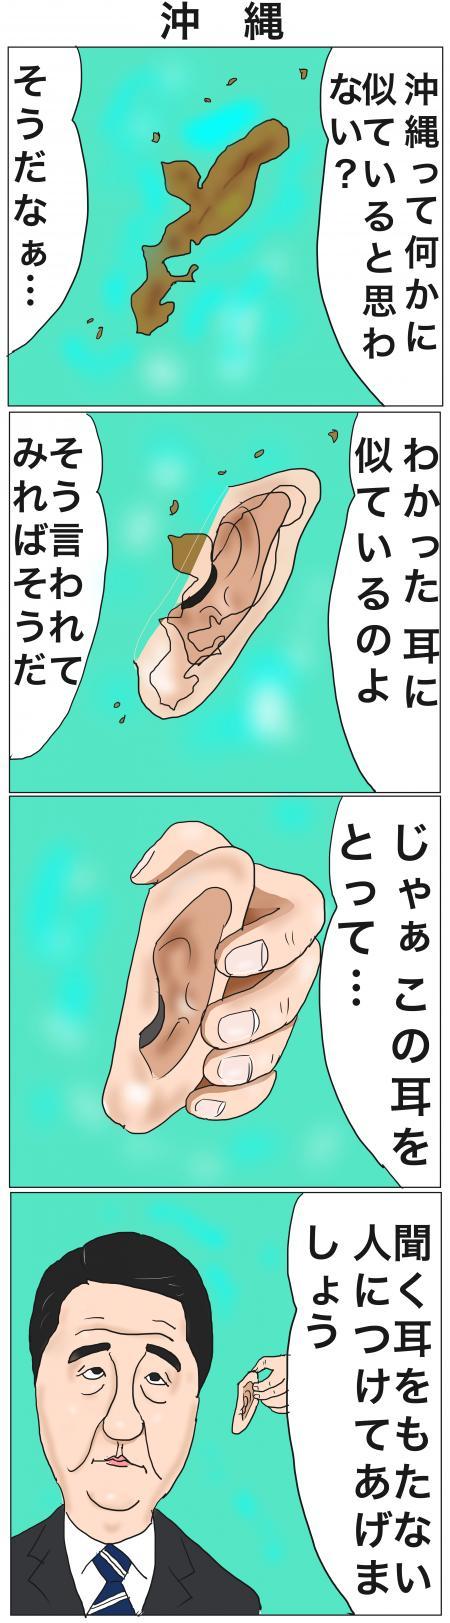 オキナワ+のコピー_convert_20150325091215